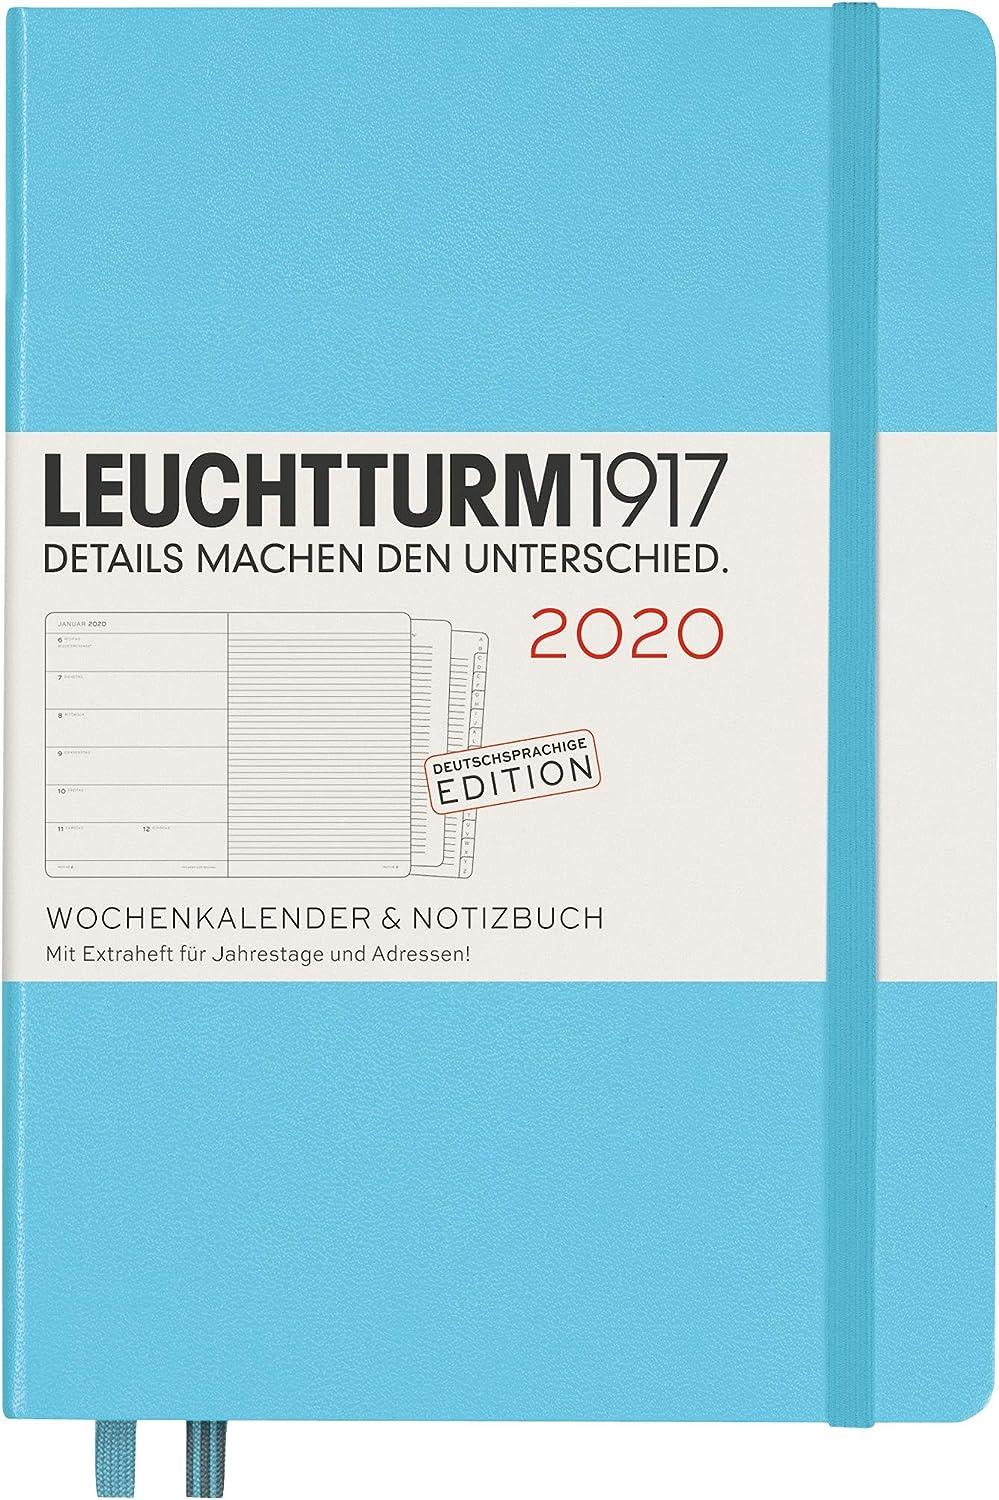 mit Extraheft 2020 LEUCHTTRUM1917 359855 Wochenkalender /& Notizbuch Hardcover Medium Deutsch A5 Ice Blue